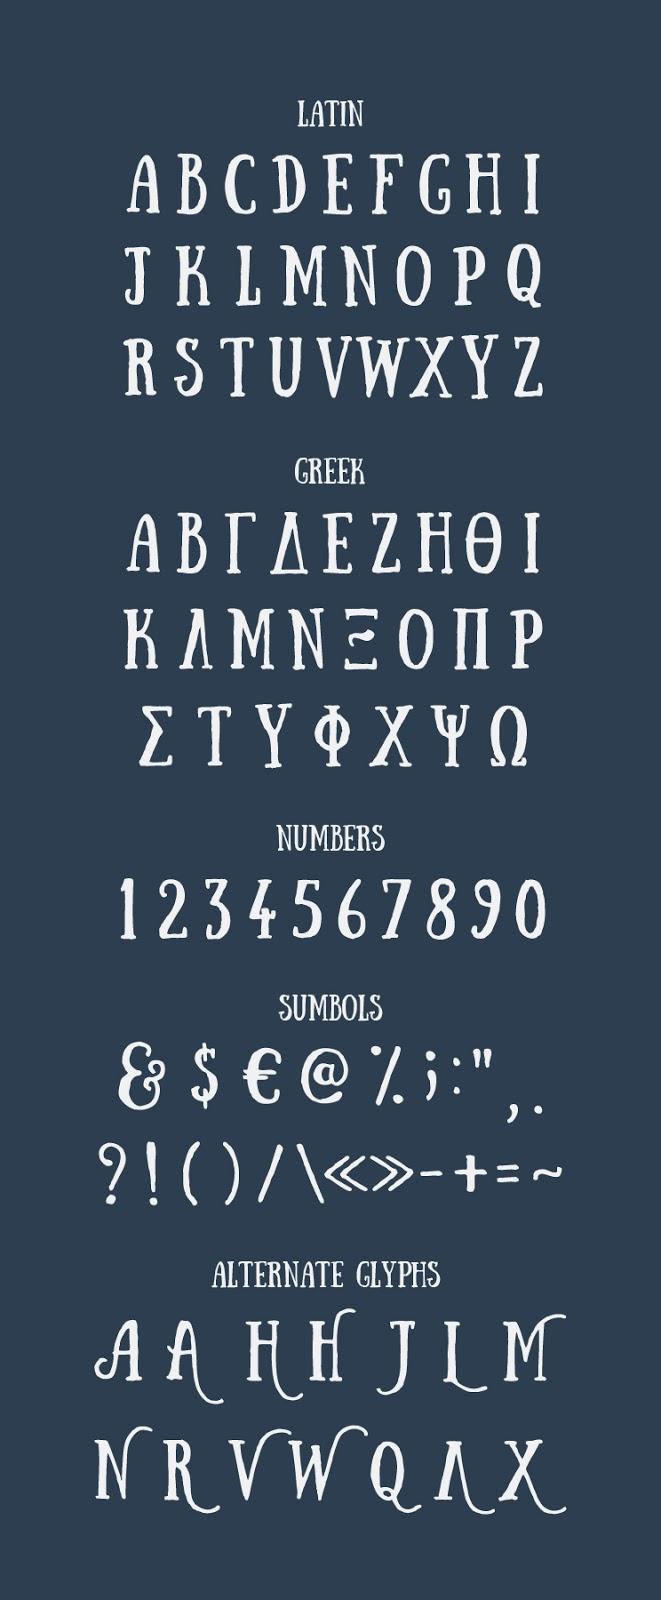 Δωρεάν Γραμματοσειρά Sunday από την Αναστασία Δημητριάδη